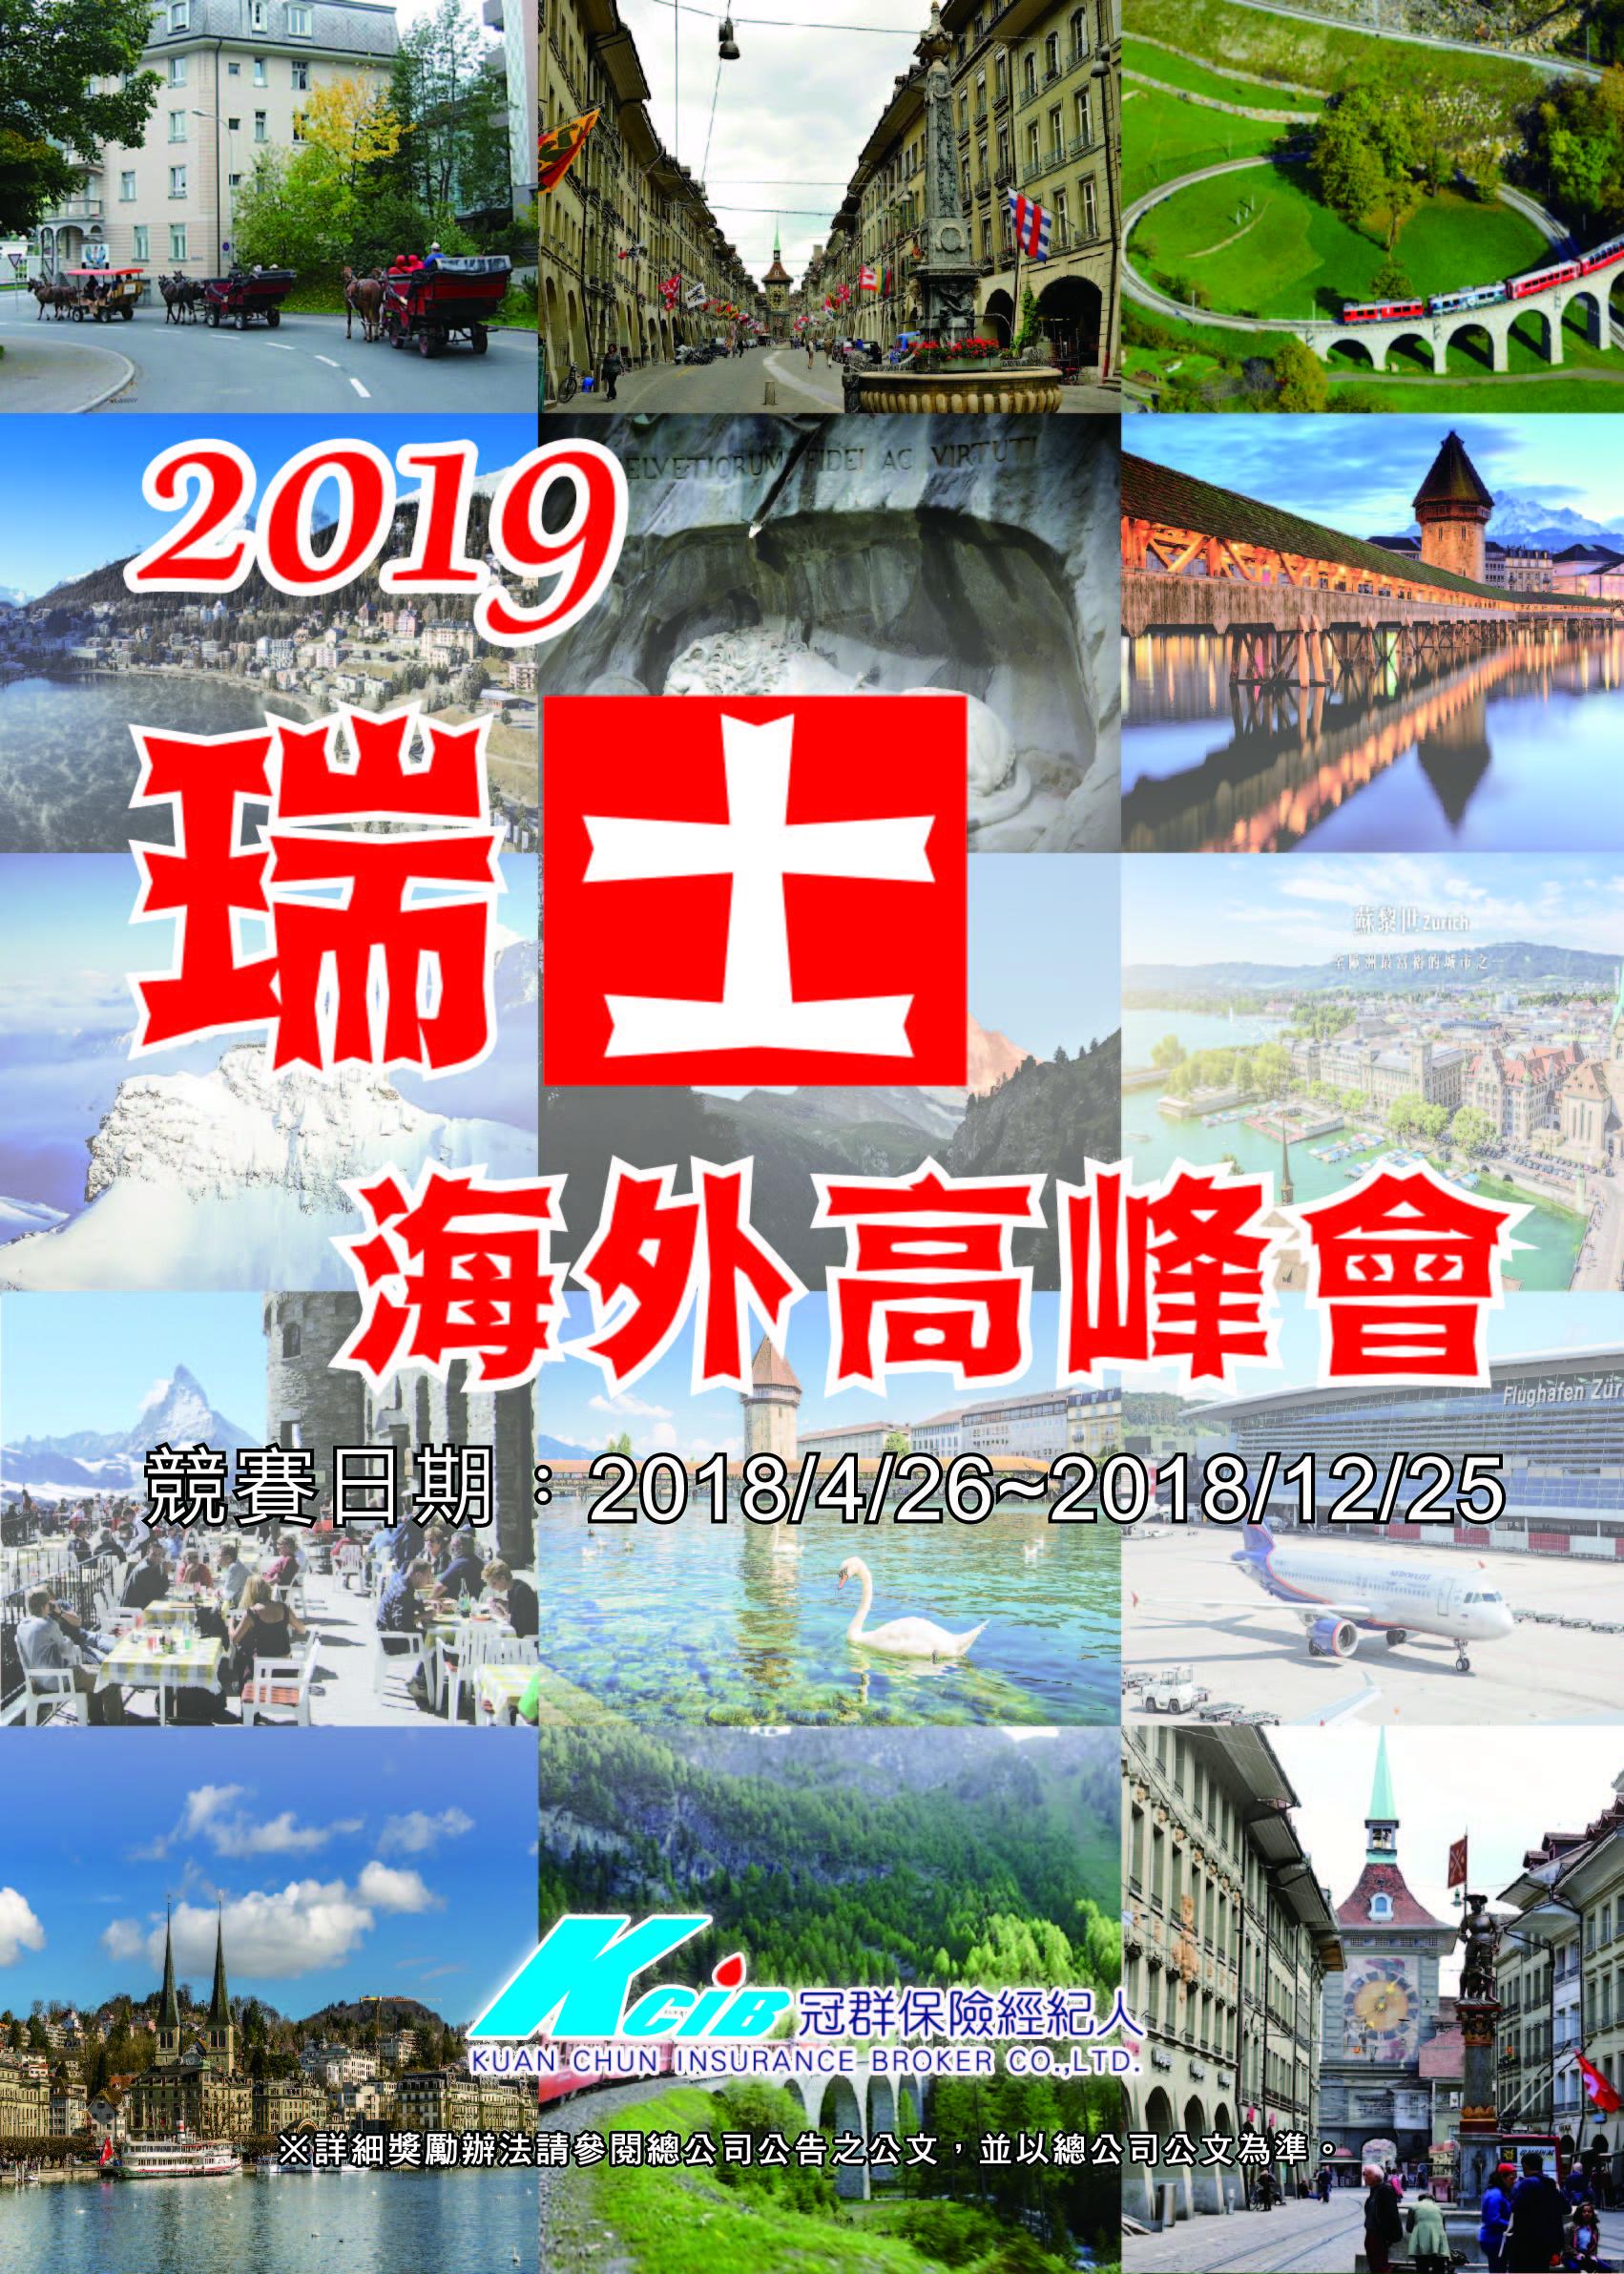 2019瑞士海外高峰會